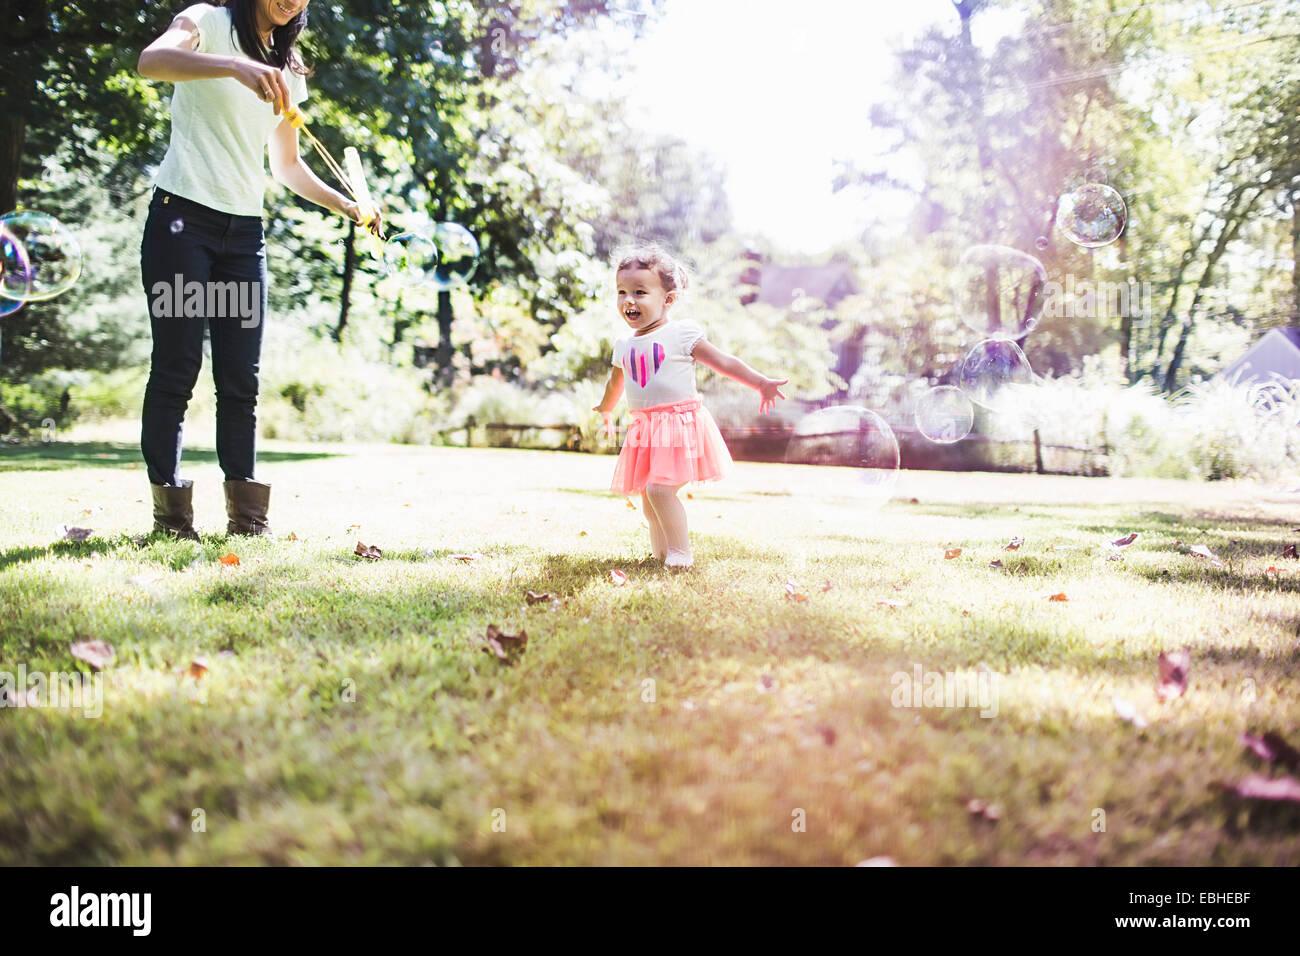 Madre e hija jugar burbujas en el jardín Imagen De Stock